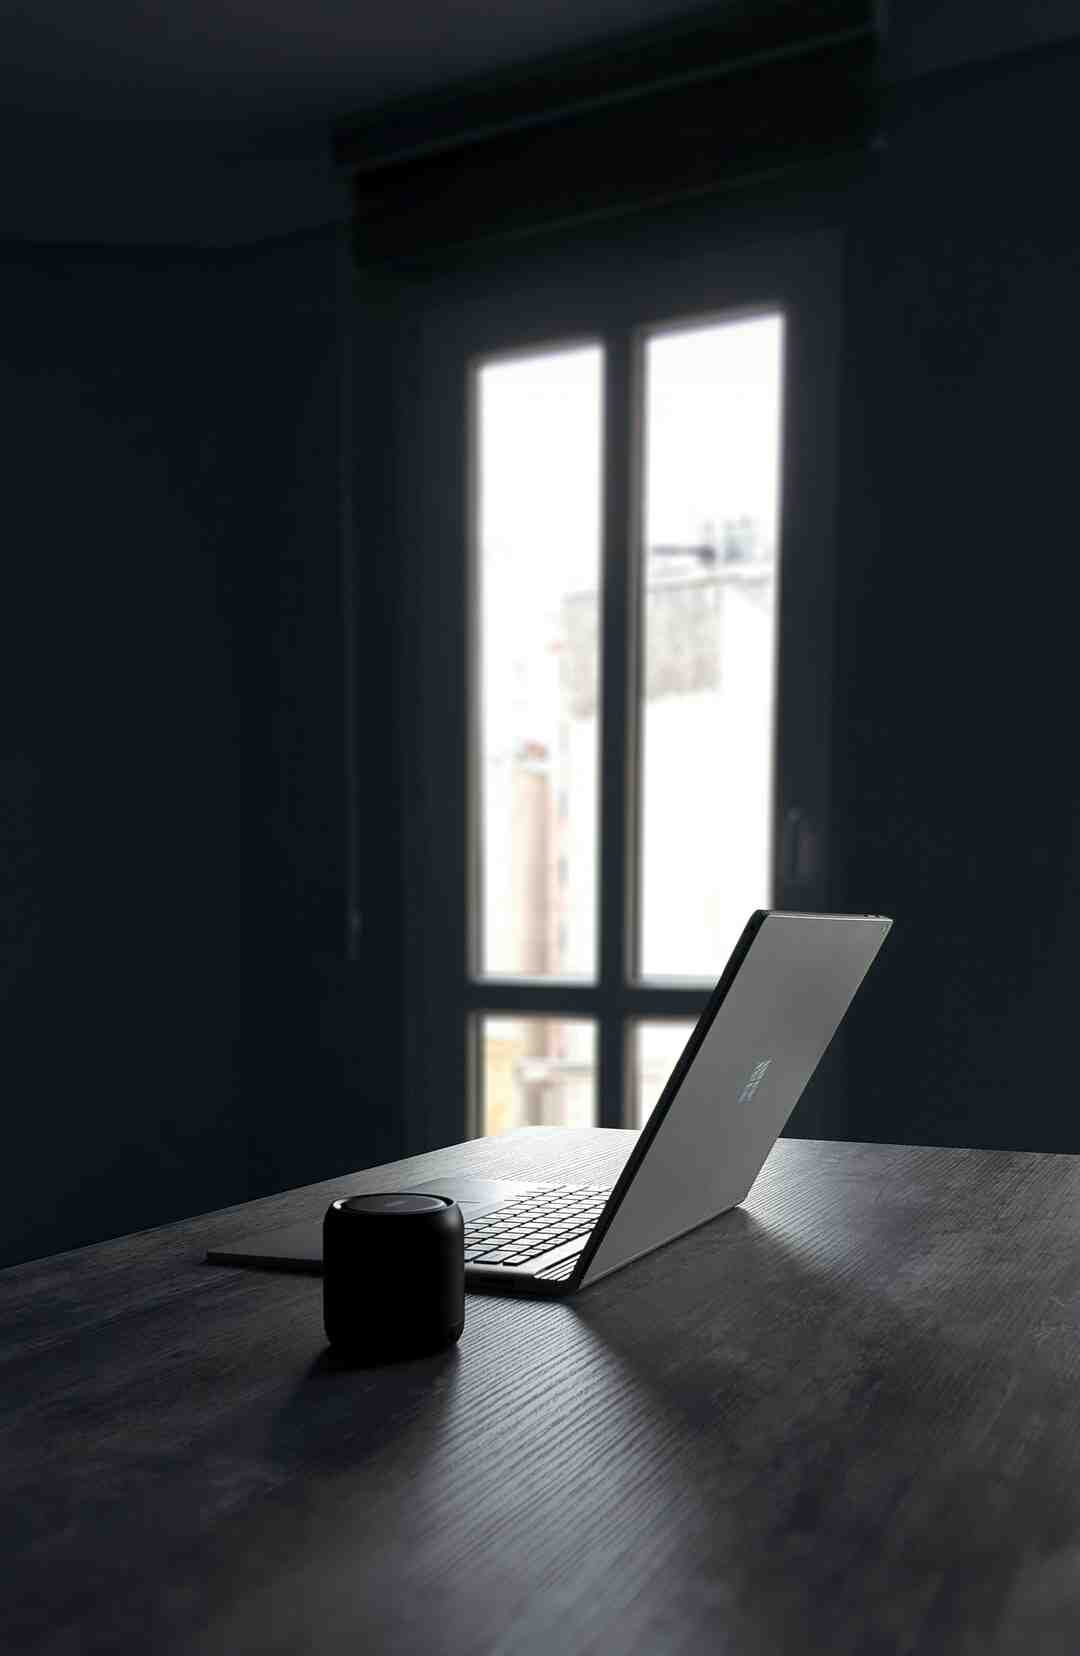 Comment telecharger windows 10